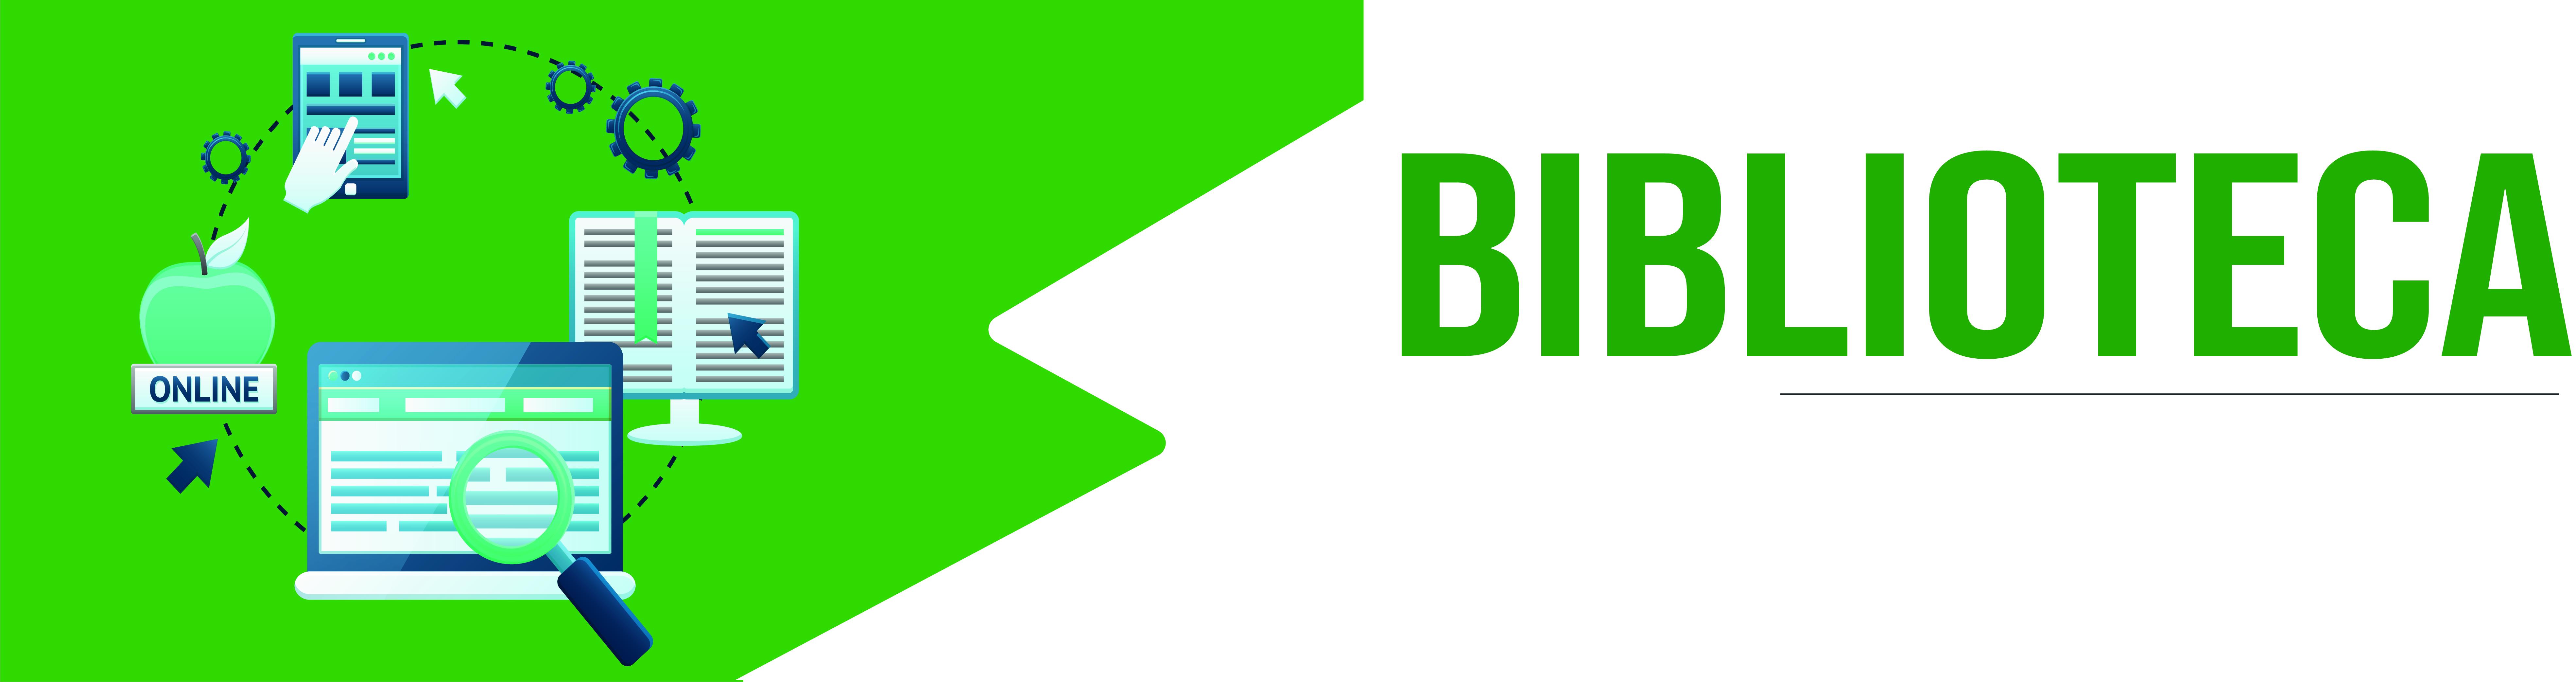 BIBLIOTECA apc